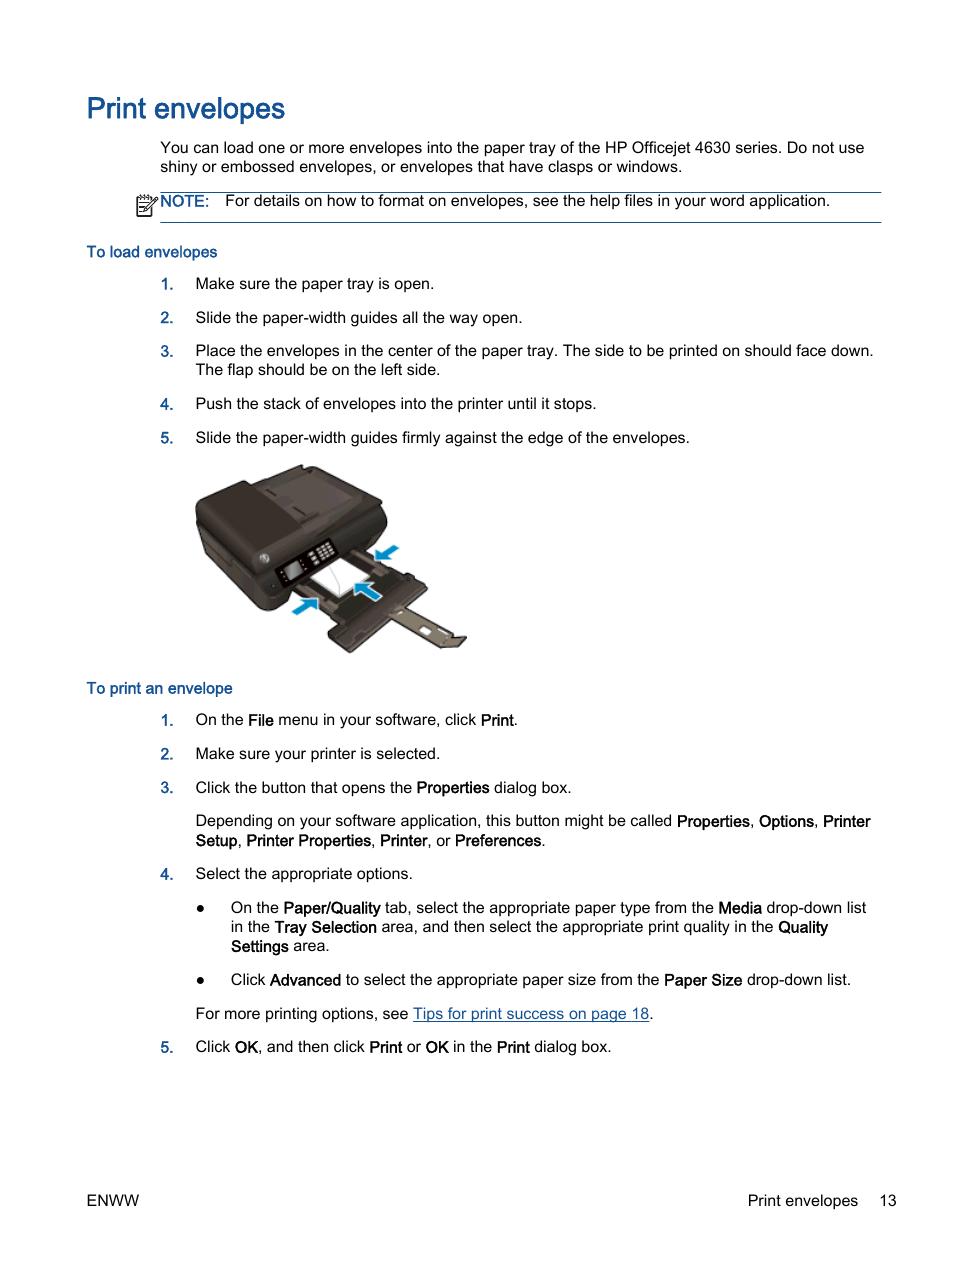 Print Envelopes Hp Officejet 4630 E All In One Printer